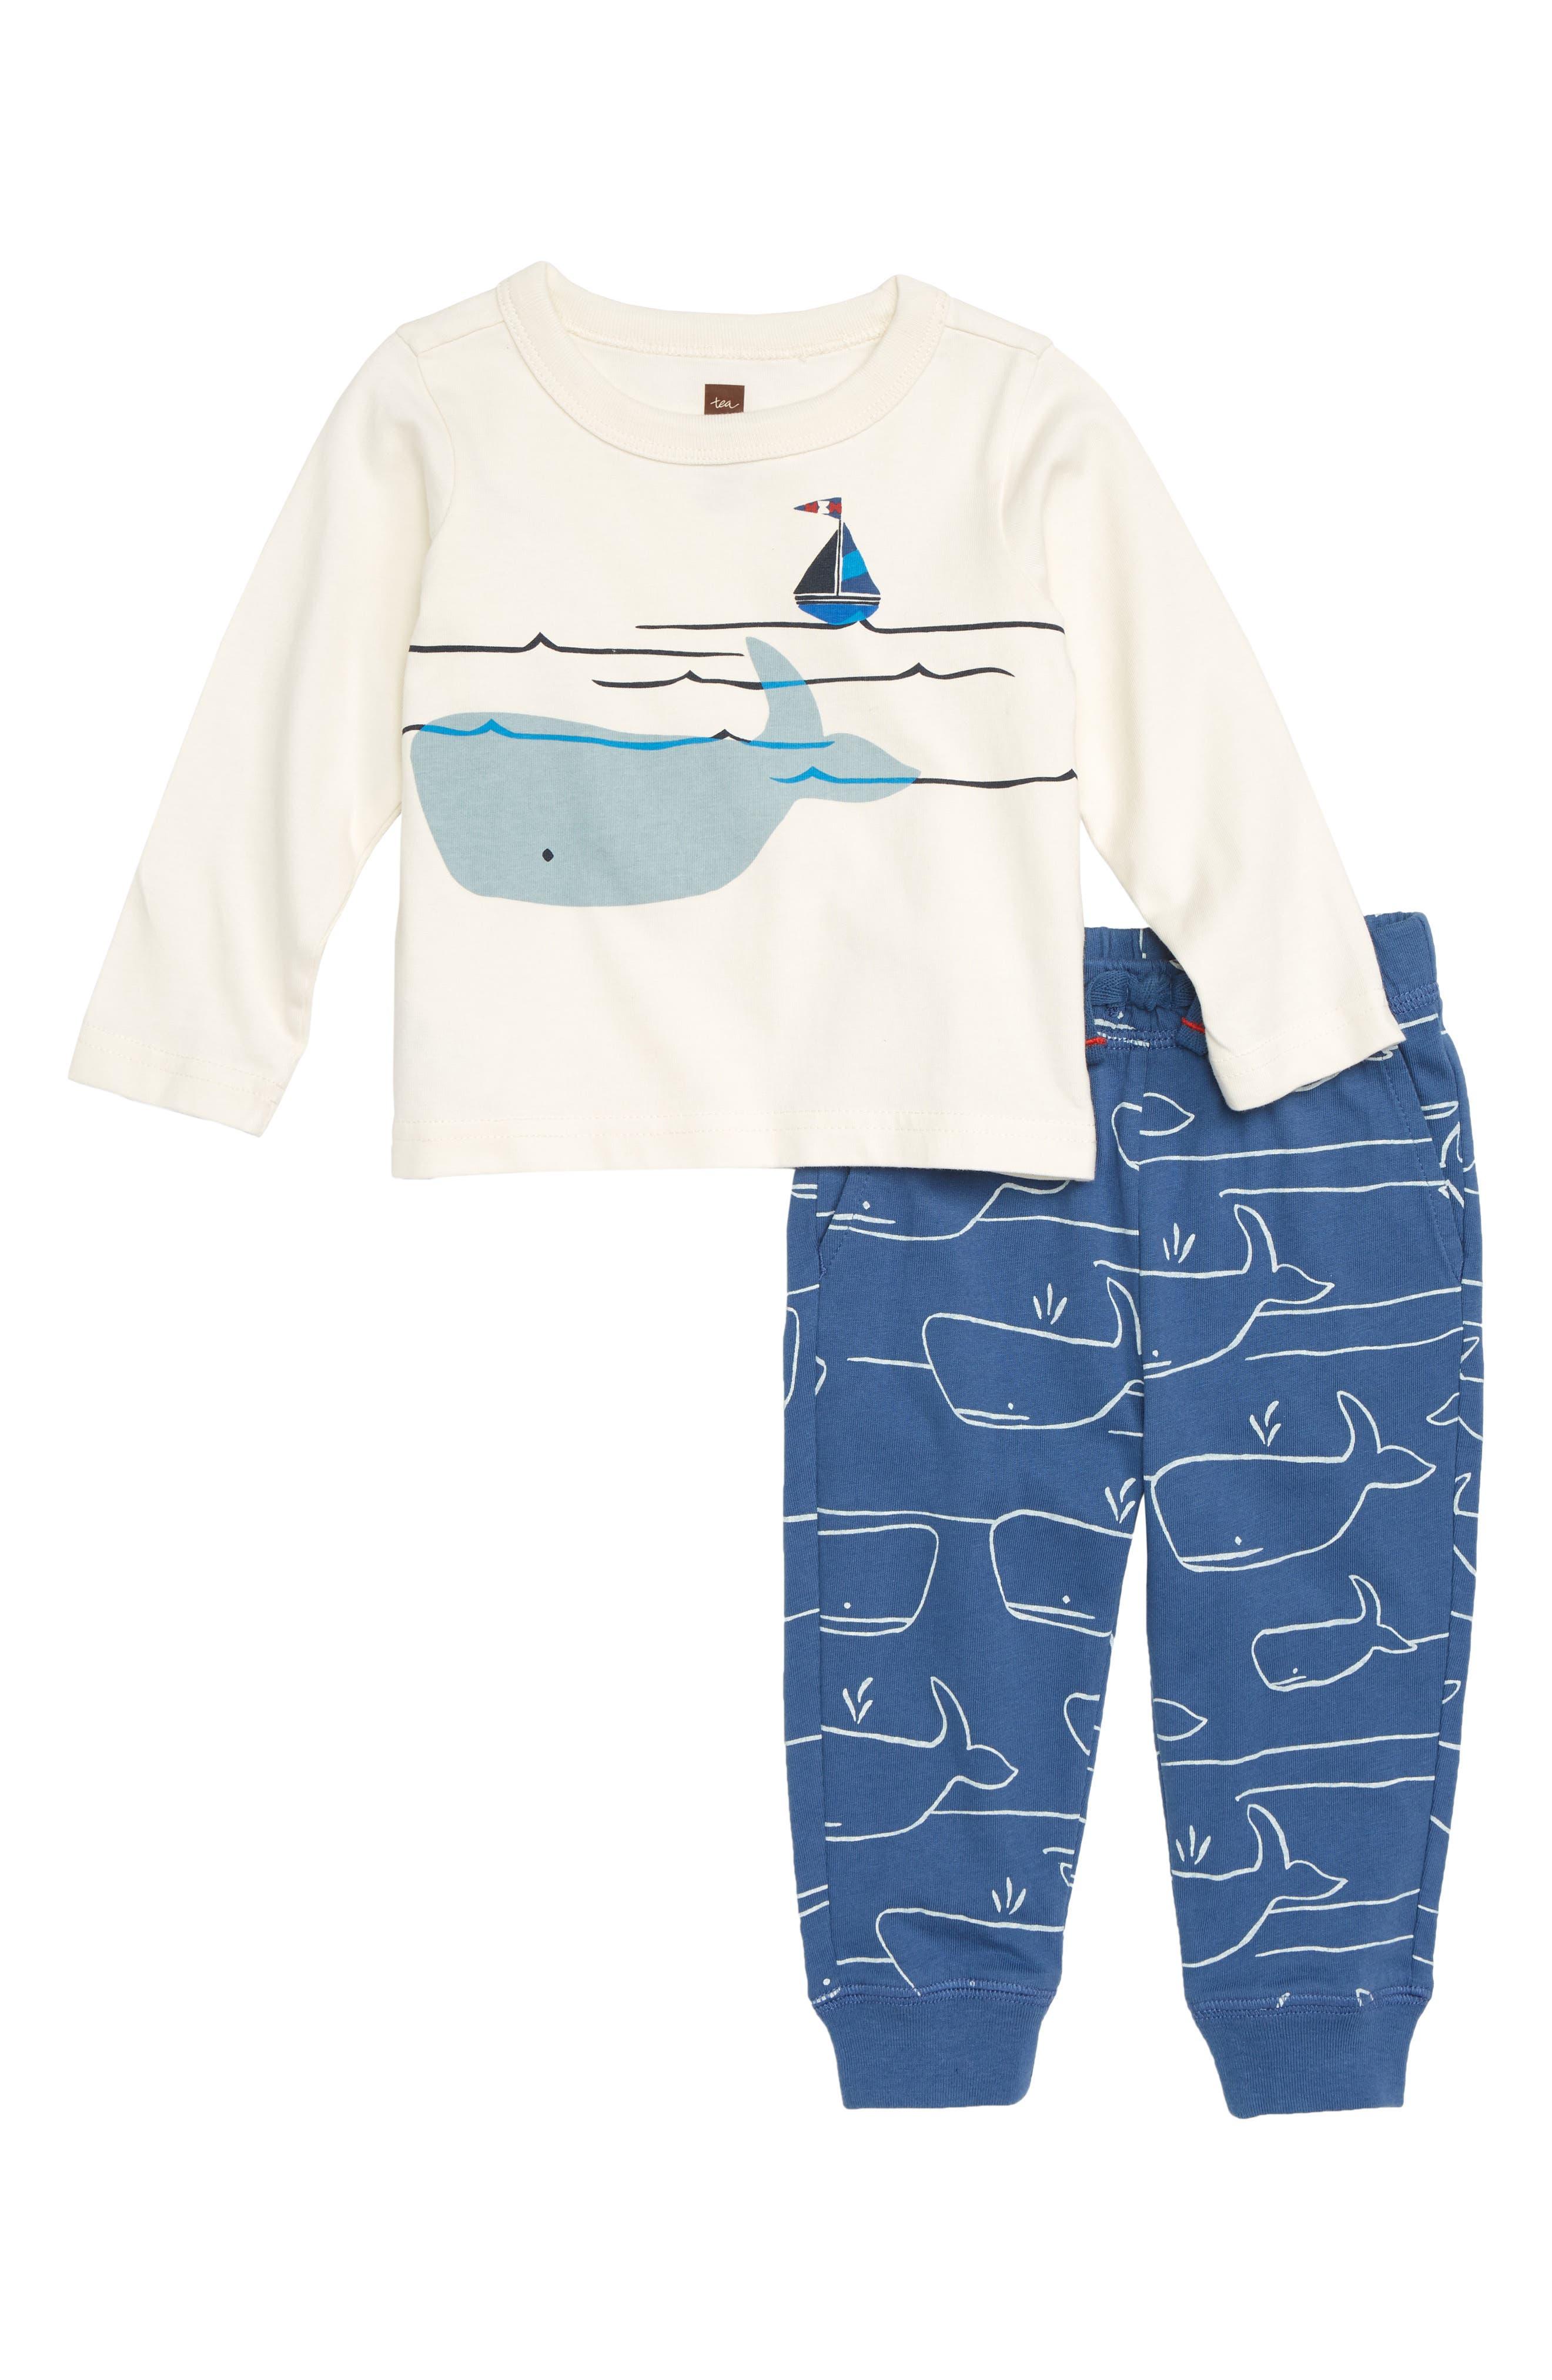 Diving Whale Graphic Shirt & Sweatpants Set,                             Main thumbnail 1, color,                             CHALK